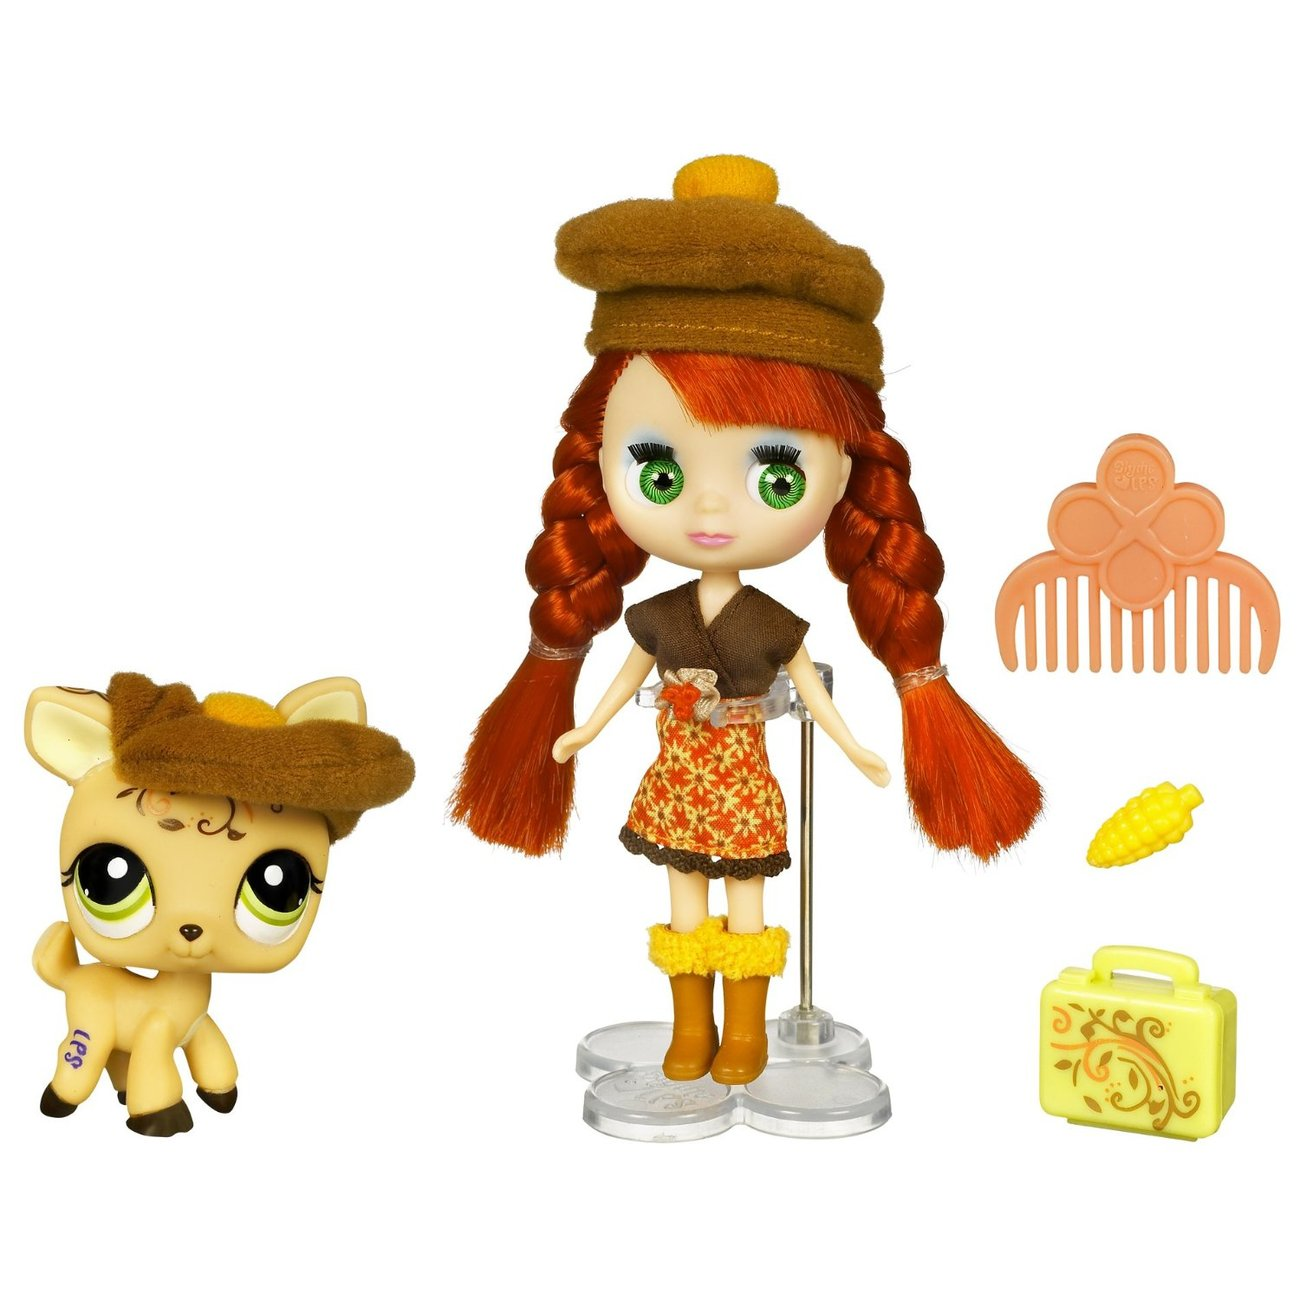 Littlest Pet Shop Blythe B6 Autumn Glam Deer 1620